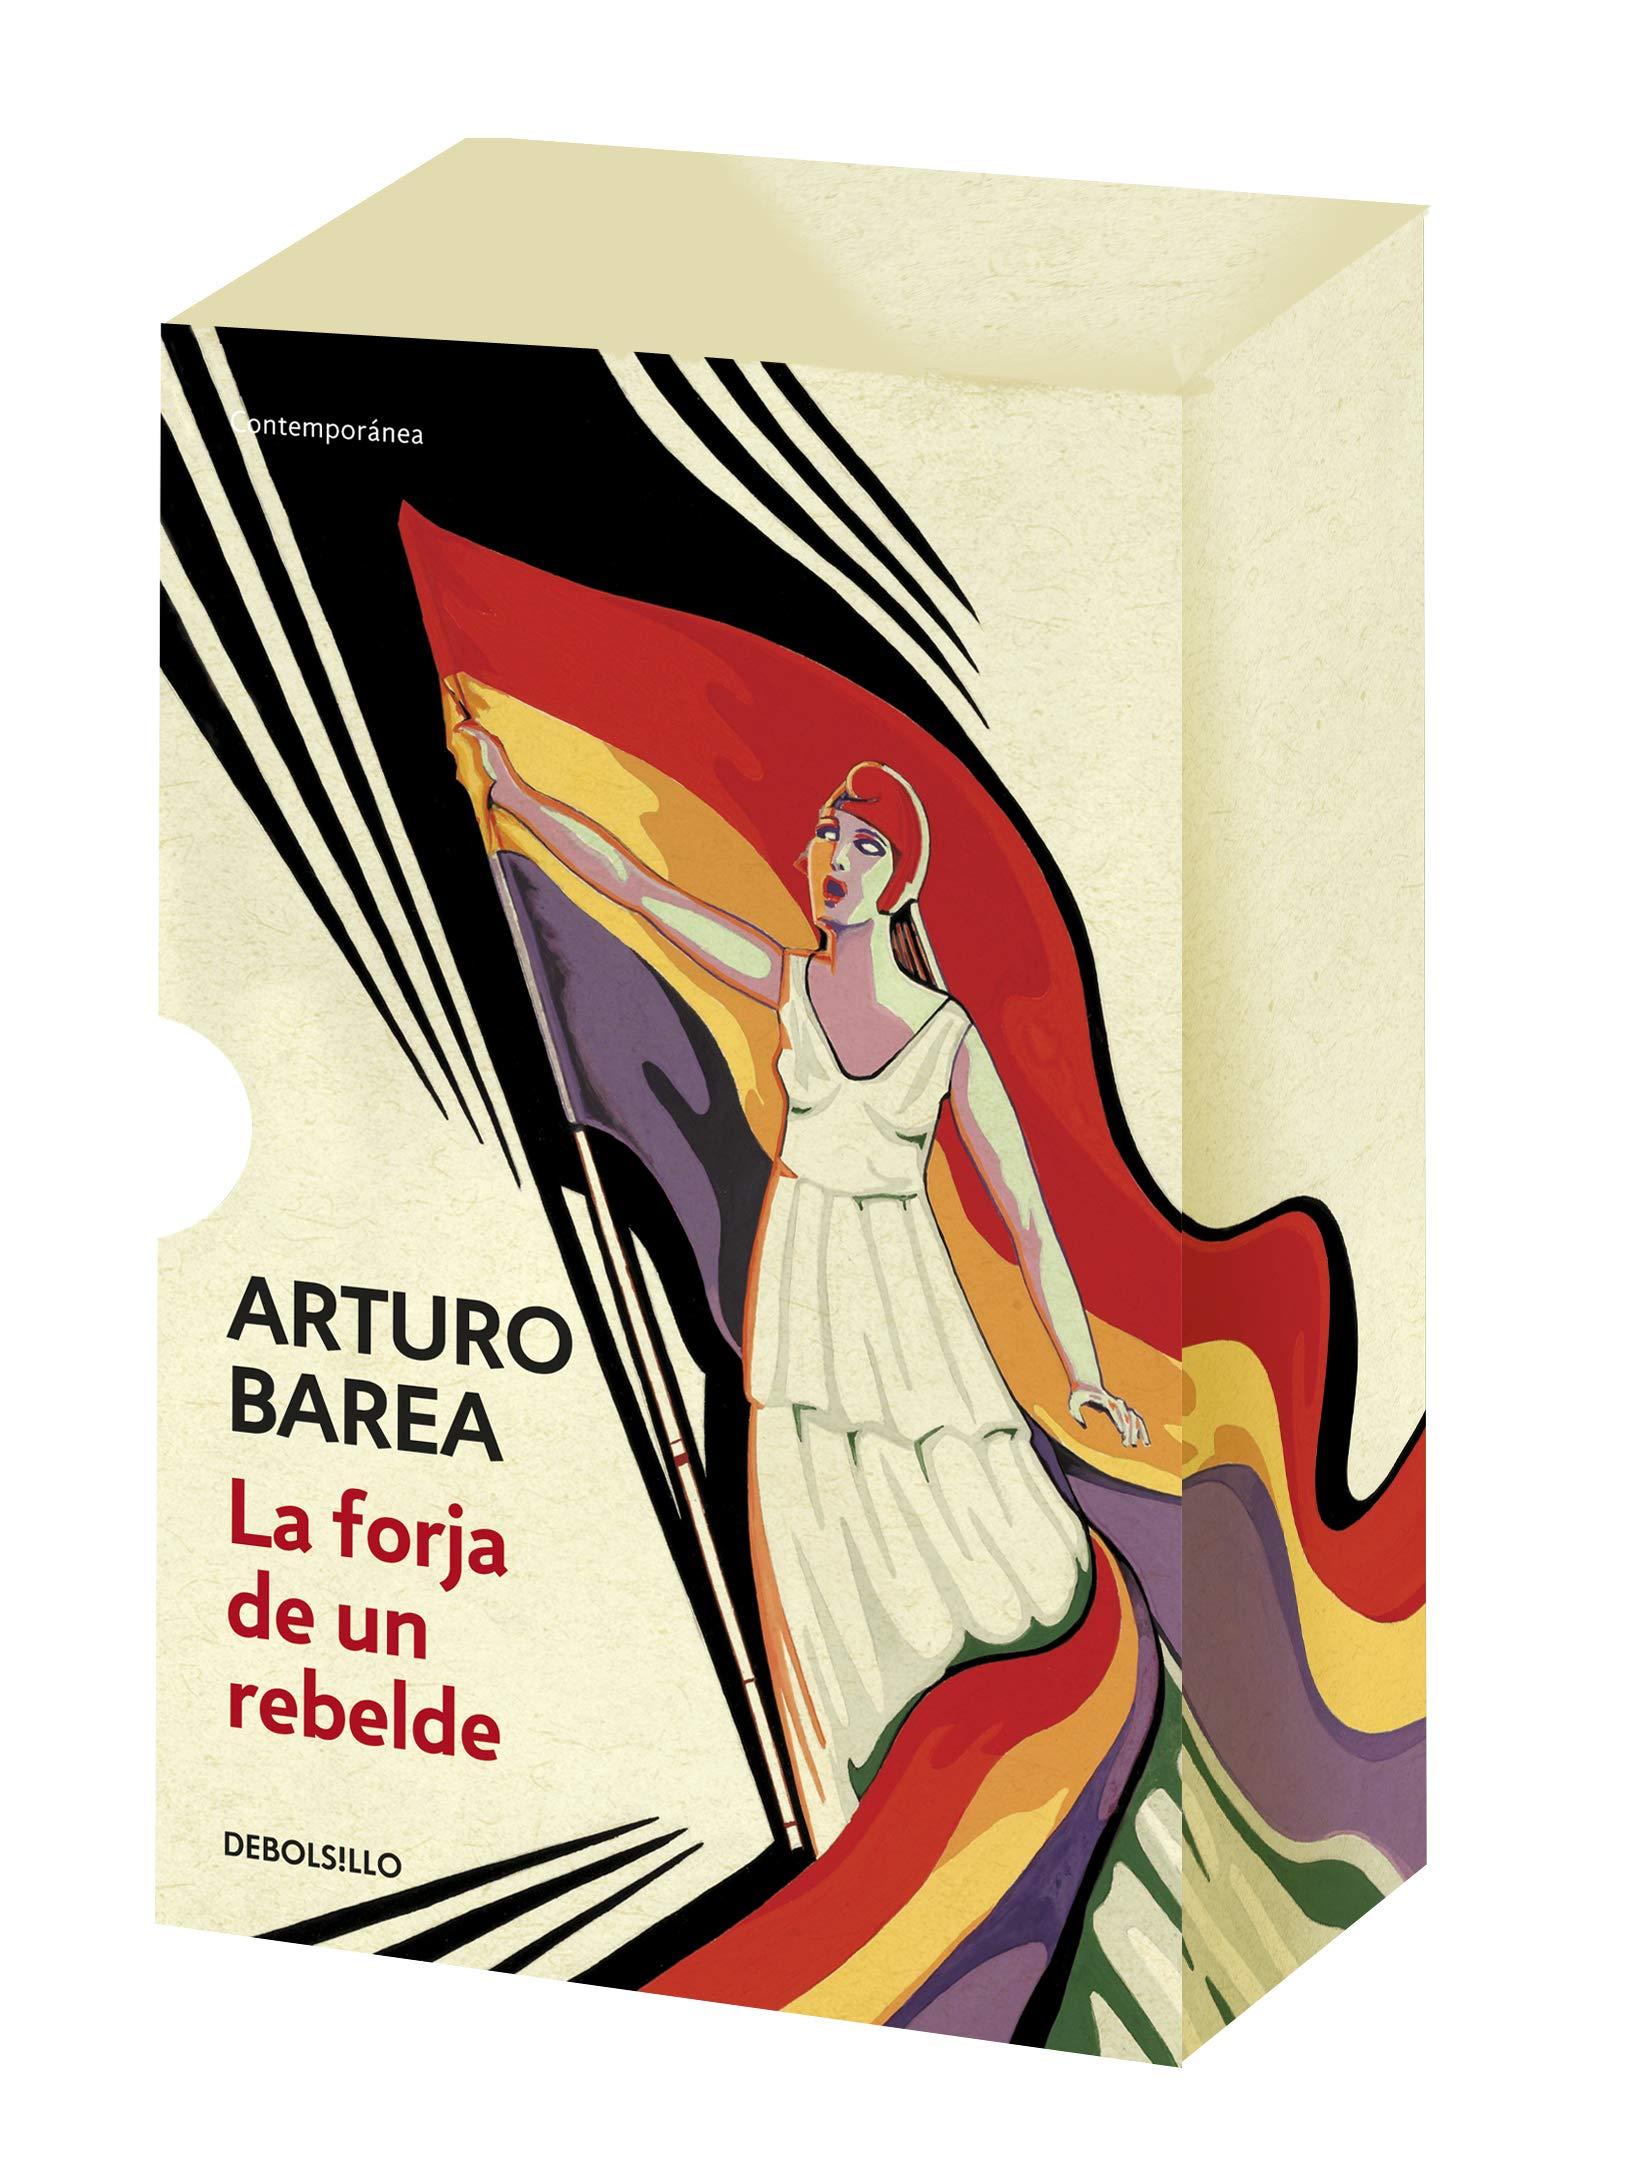 La forja de un rebelde estuche con La forja | La ruta | La llama CONTEMPORANEA: Amazon.es: Arturo Barea: Libros